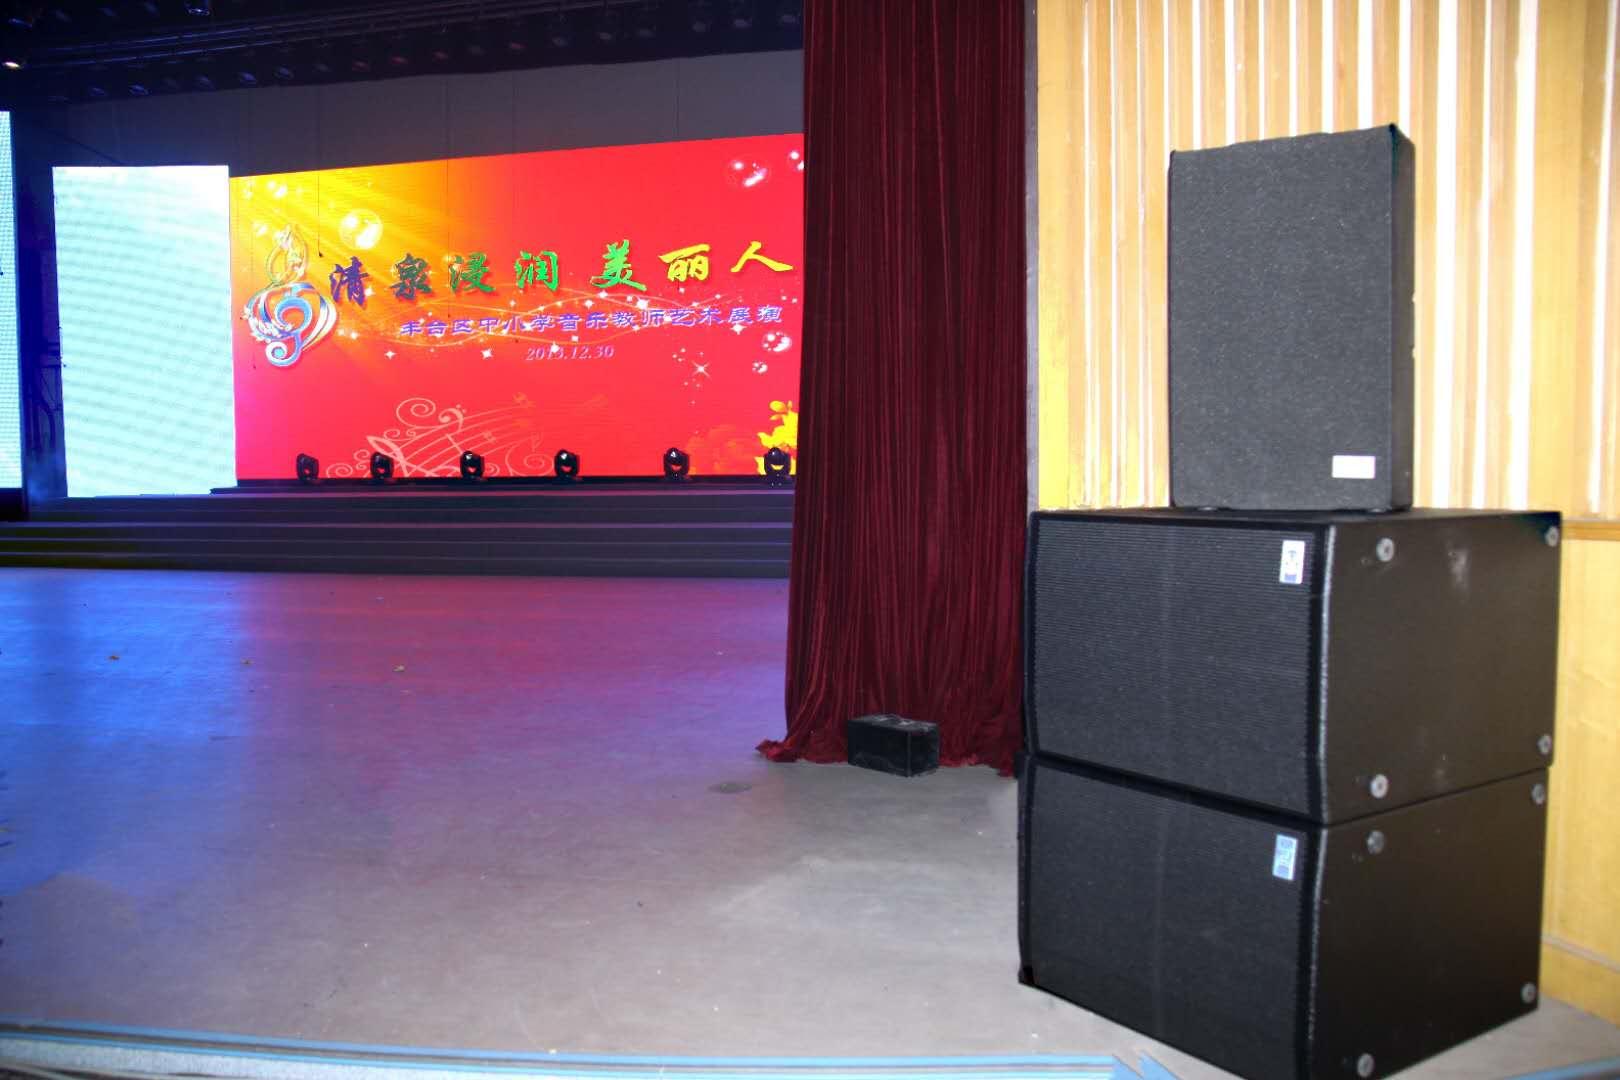 利用舞台音响提升舞台艺术层次探讨